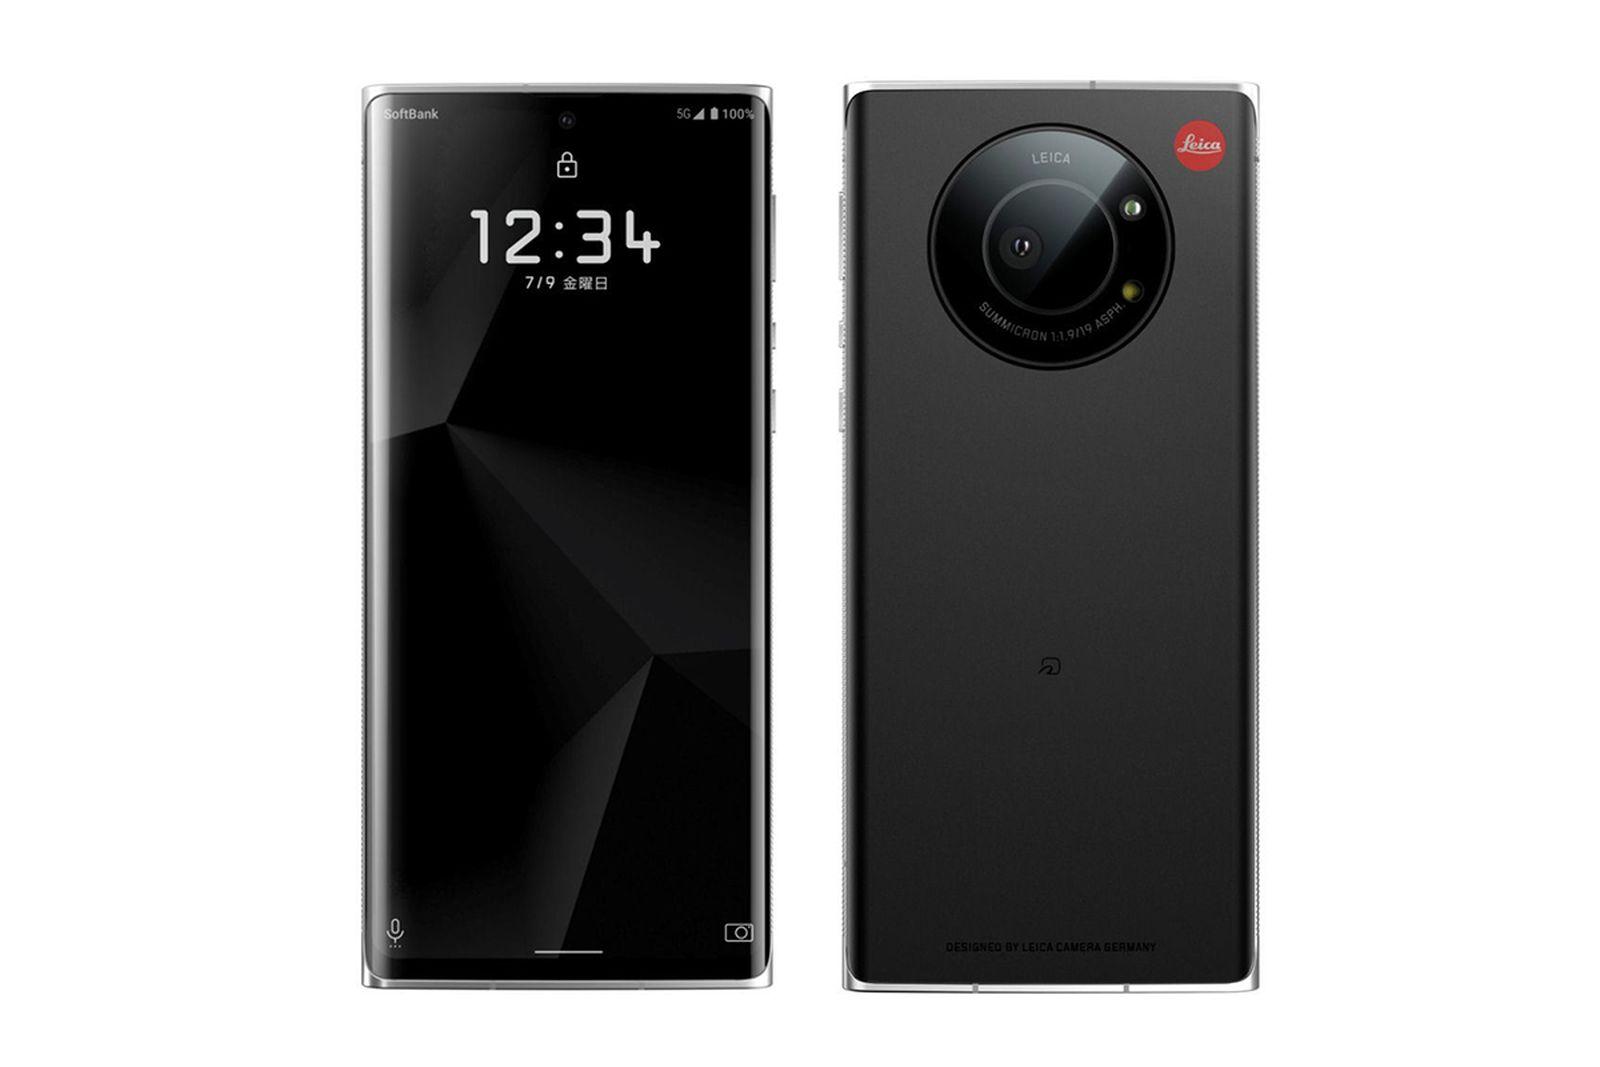 leica-leitz-phone-1-japan- (2)